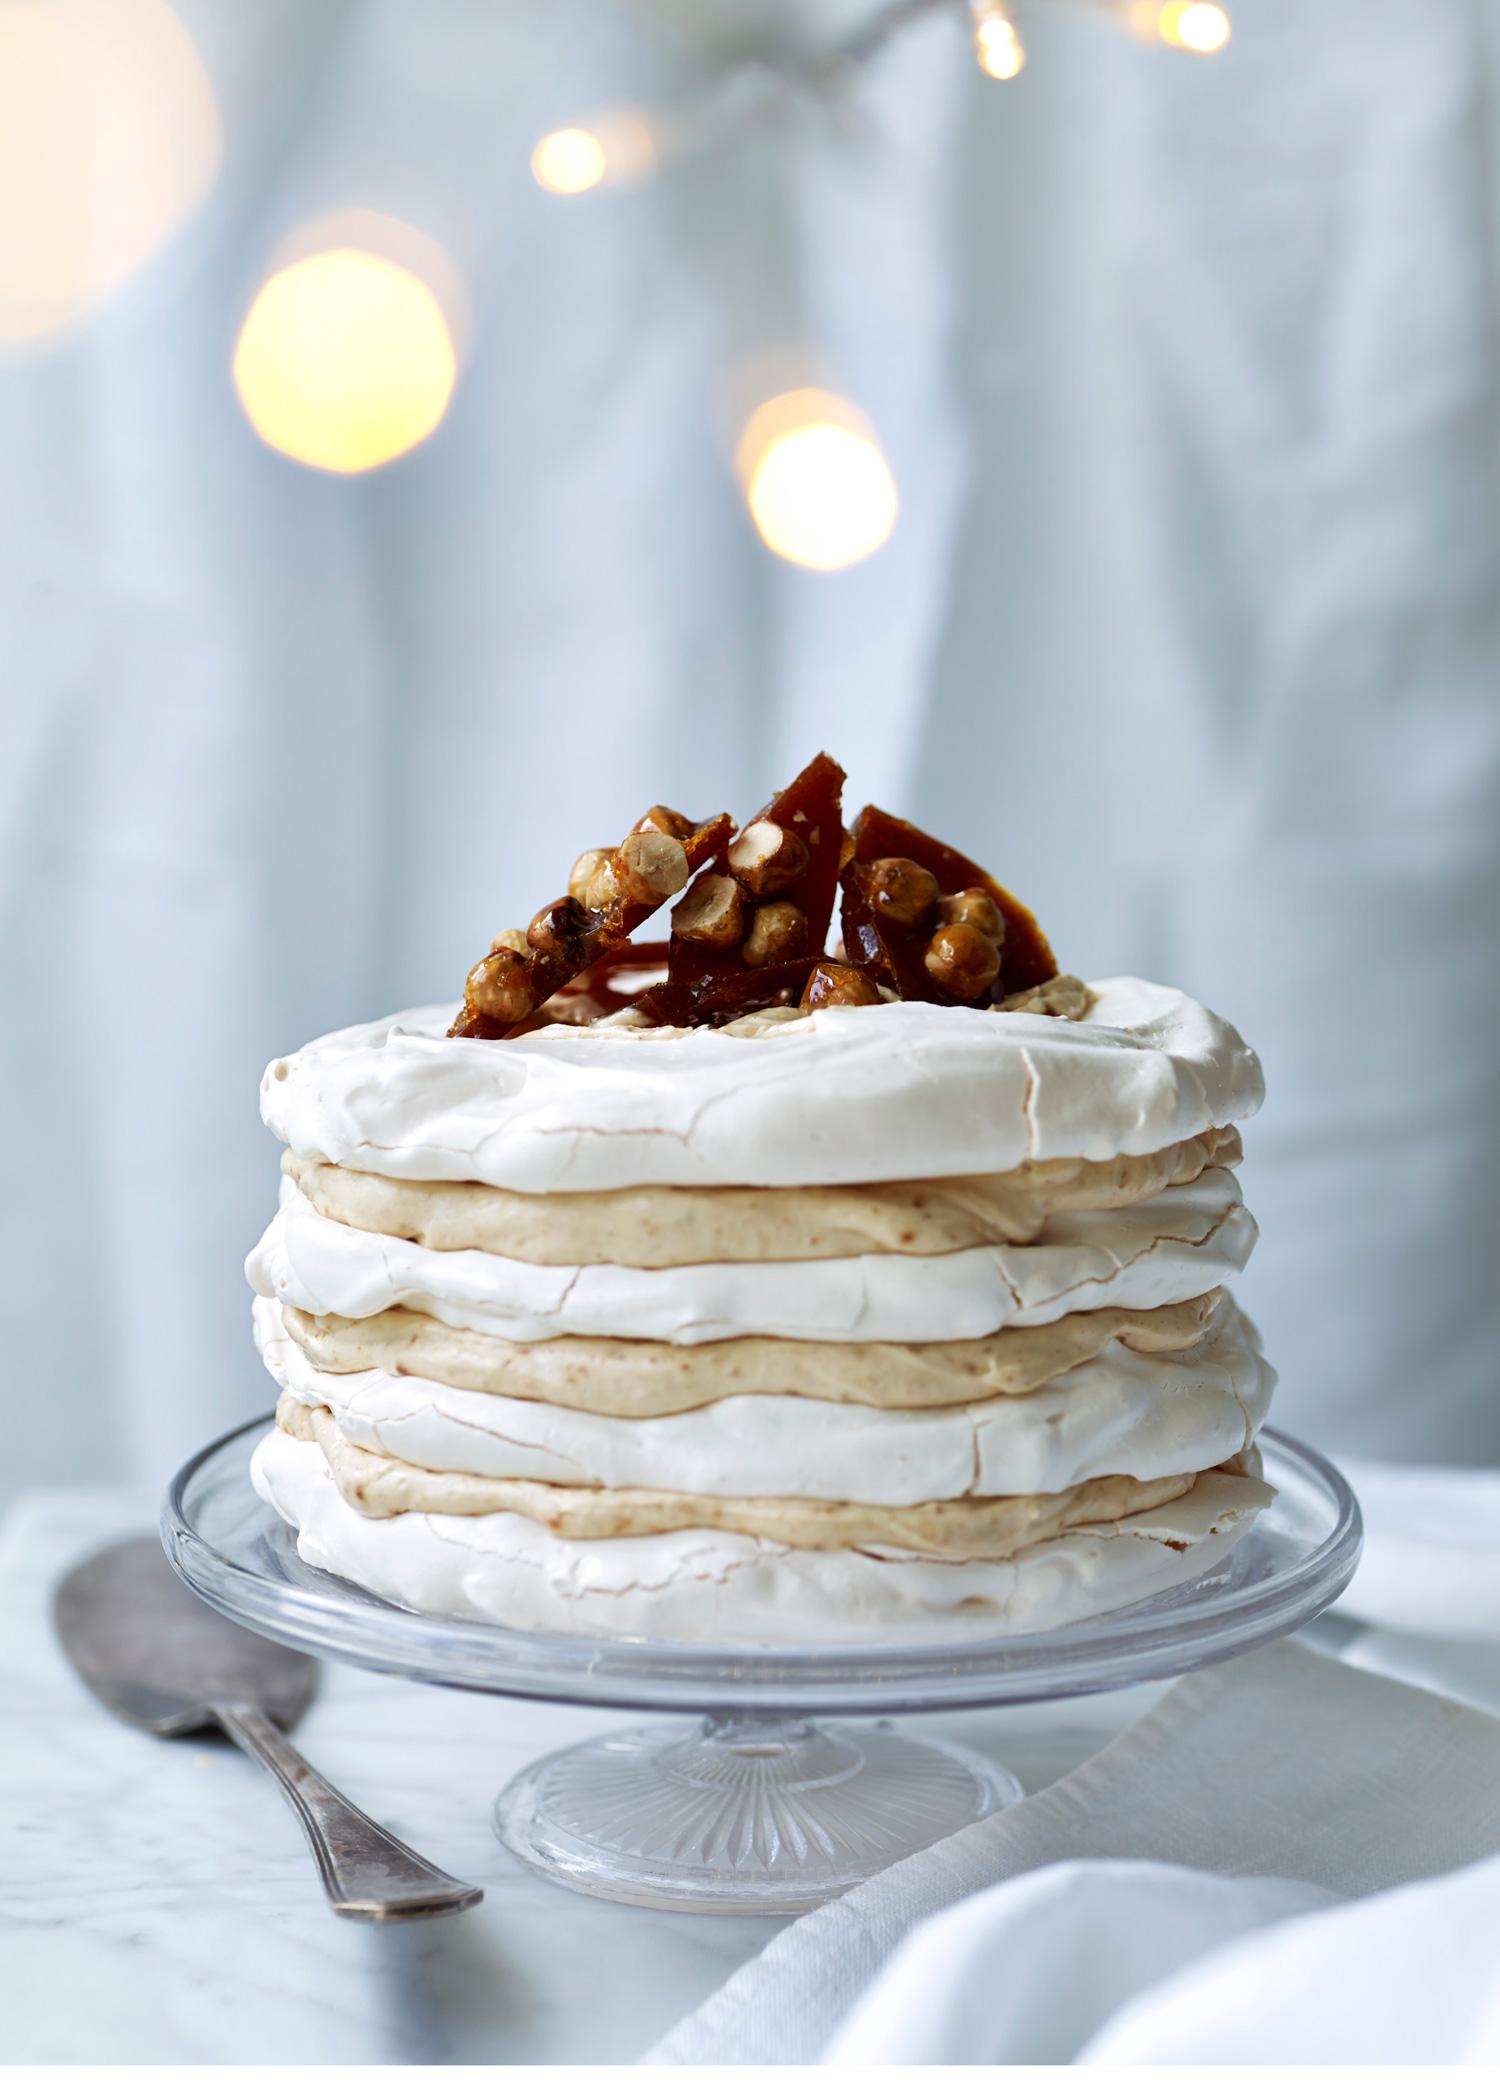 Hazelnut-praline-meringue-stack